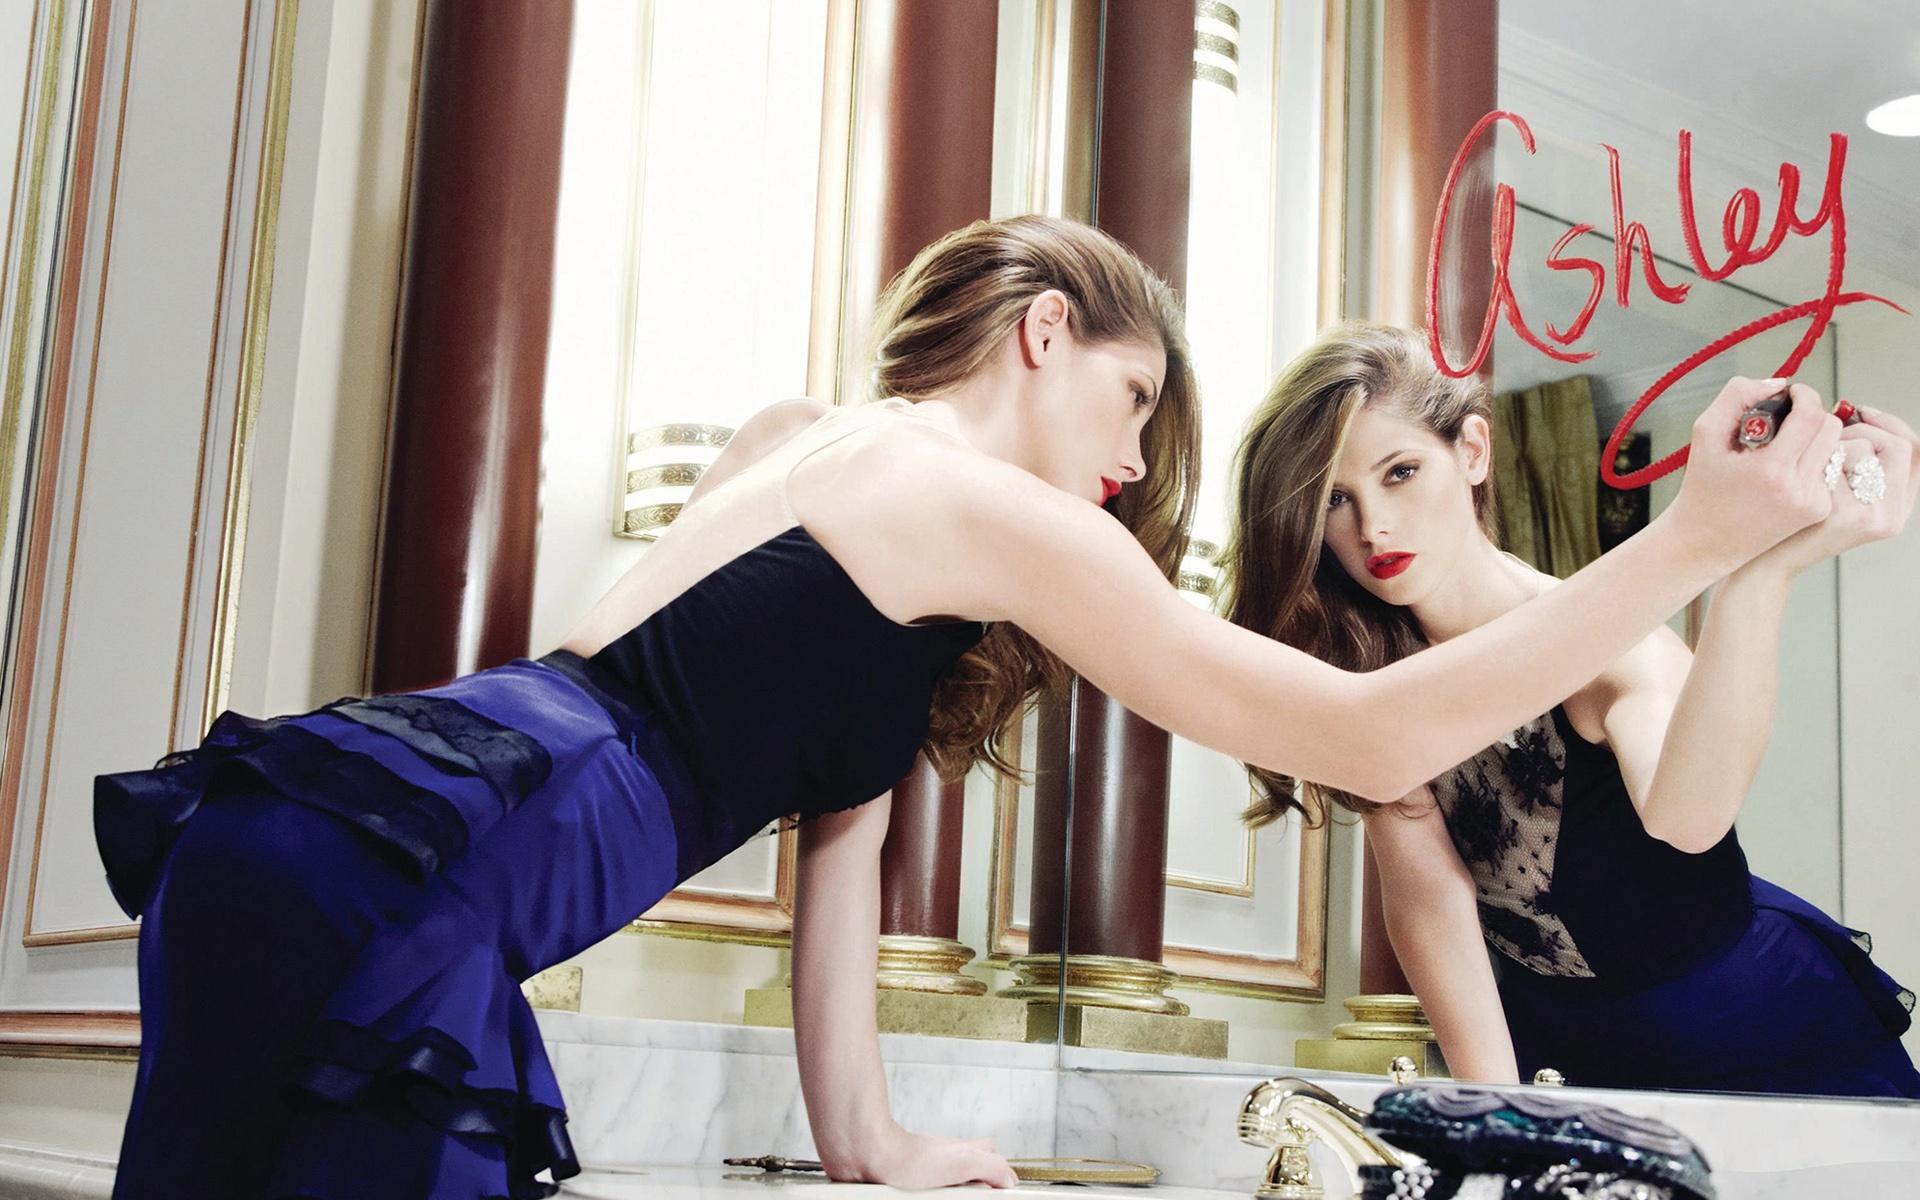 Ashley greene mirror